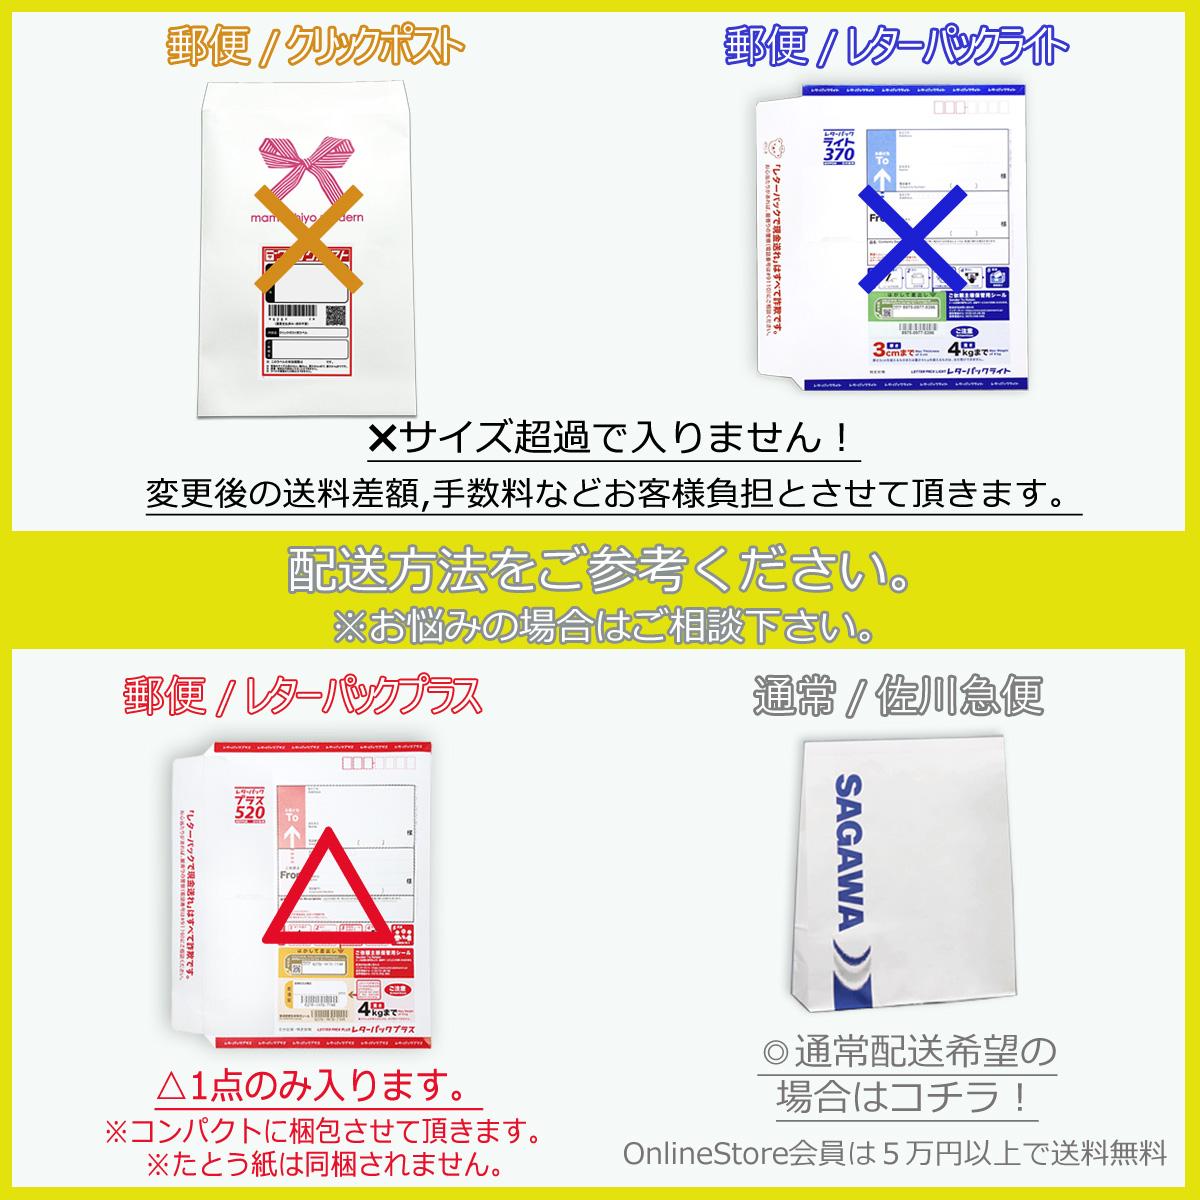 単衣着物 puzzle (ピンク) 【Mサイズのみ】